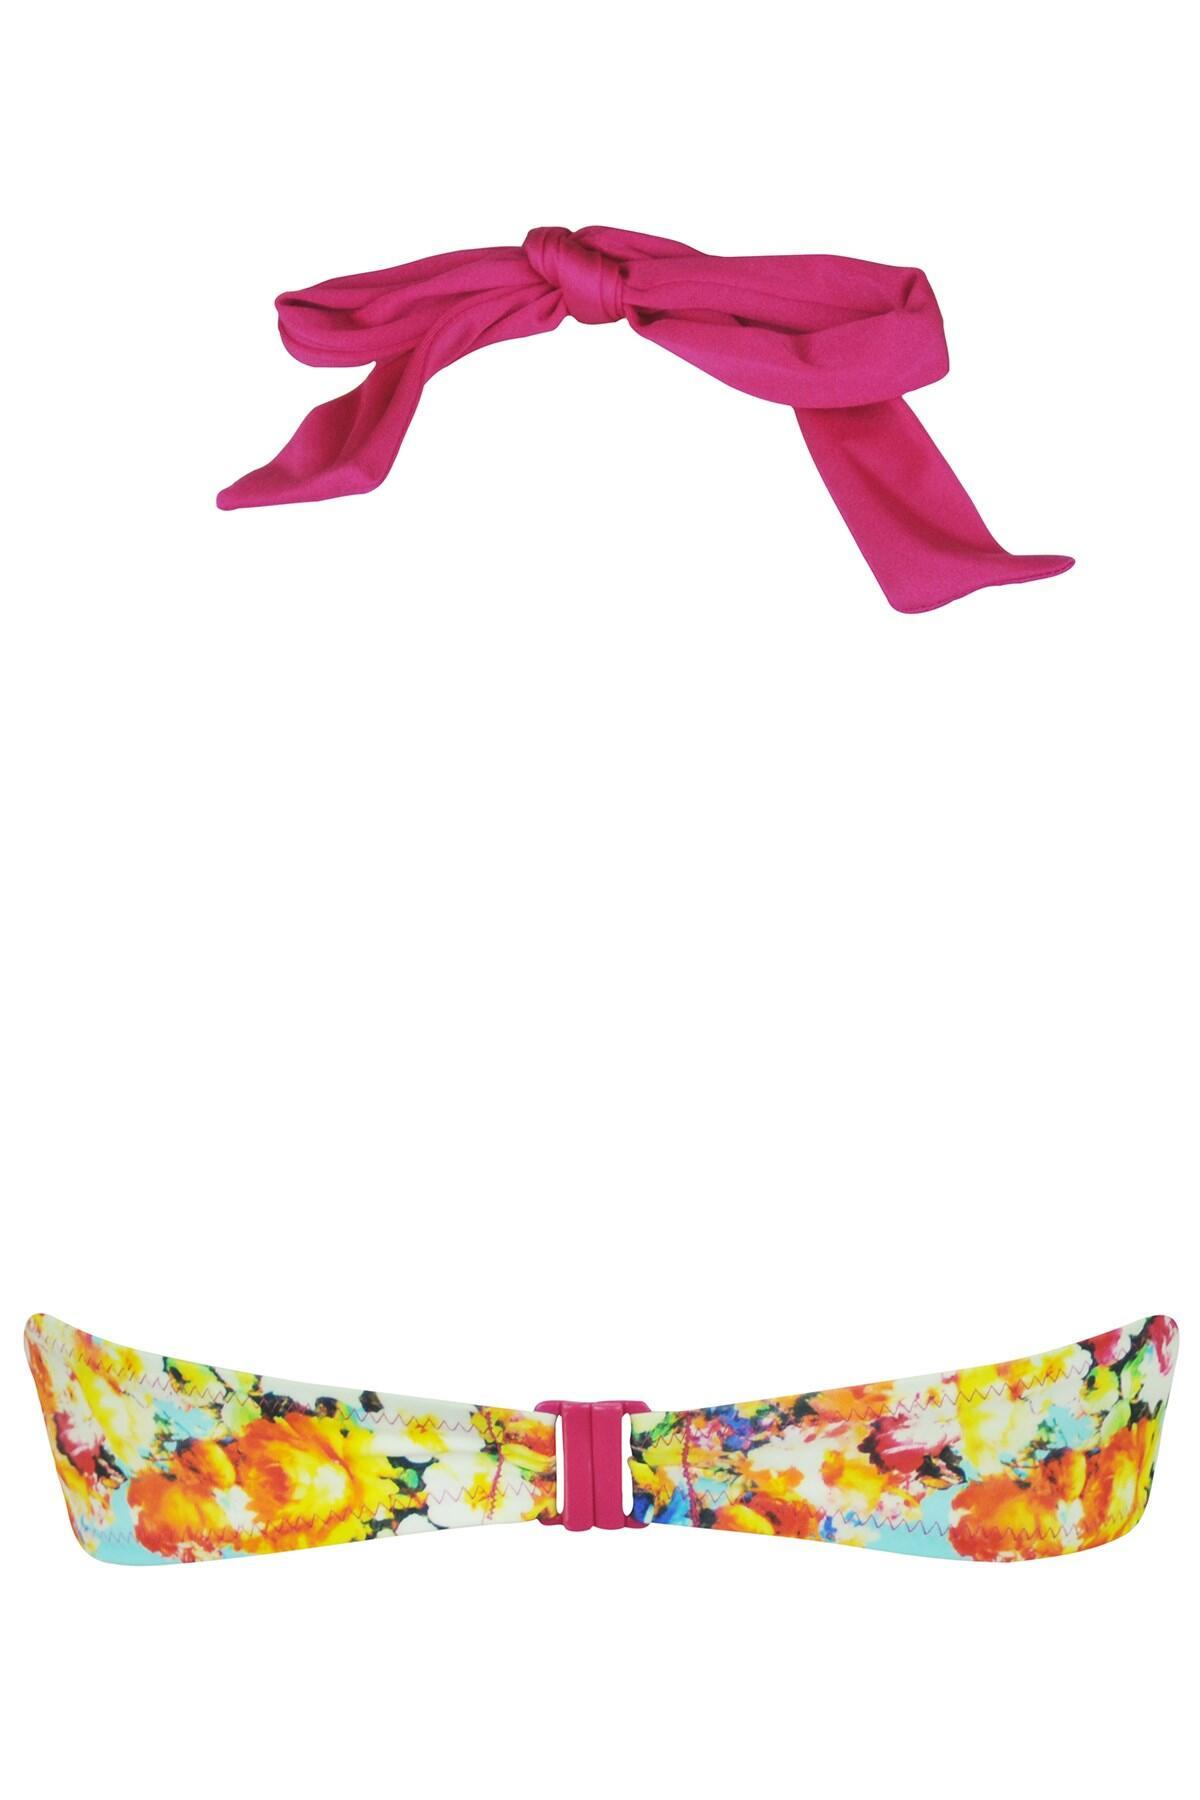 Pour Moi Seville Padded Halter Bikini Top 24000 Multi New Womens Swimwear